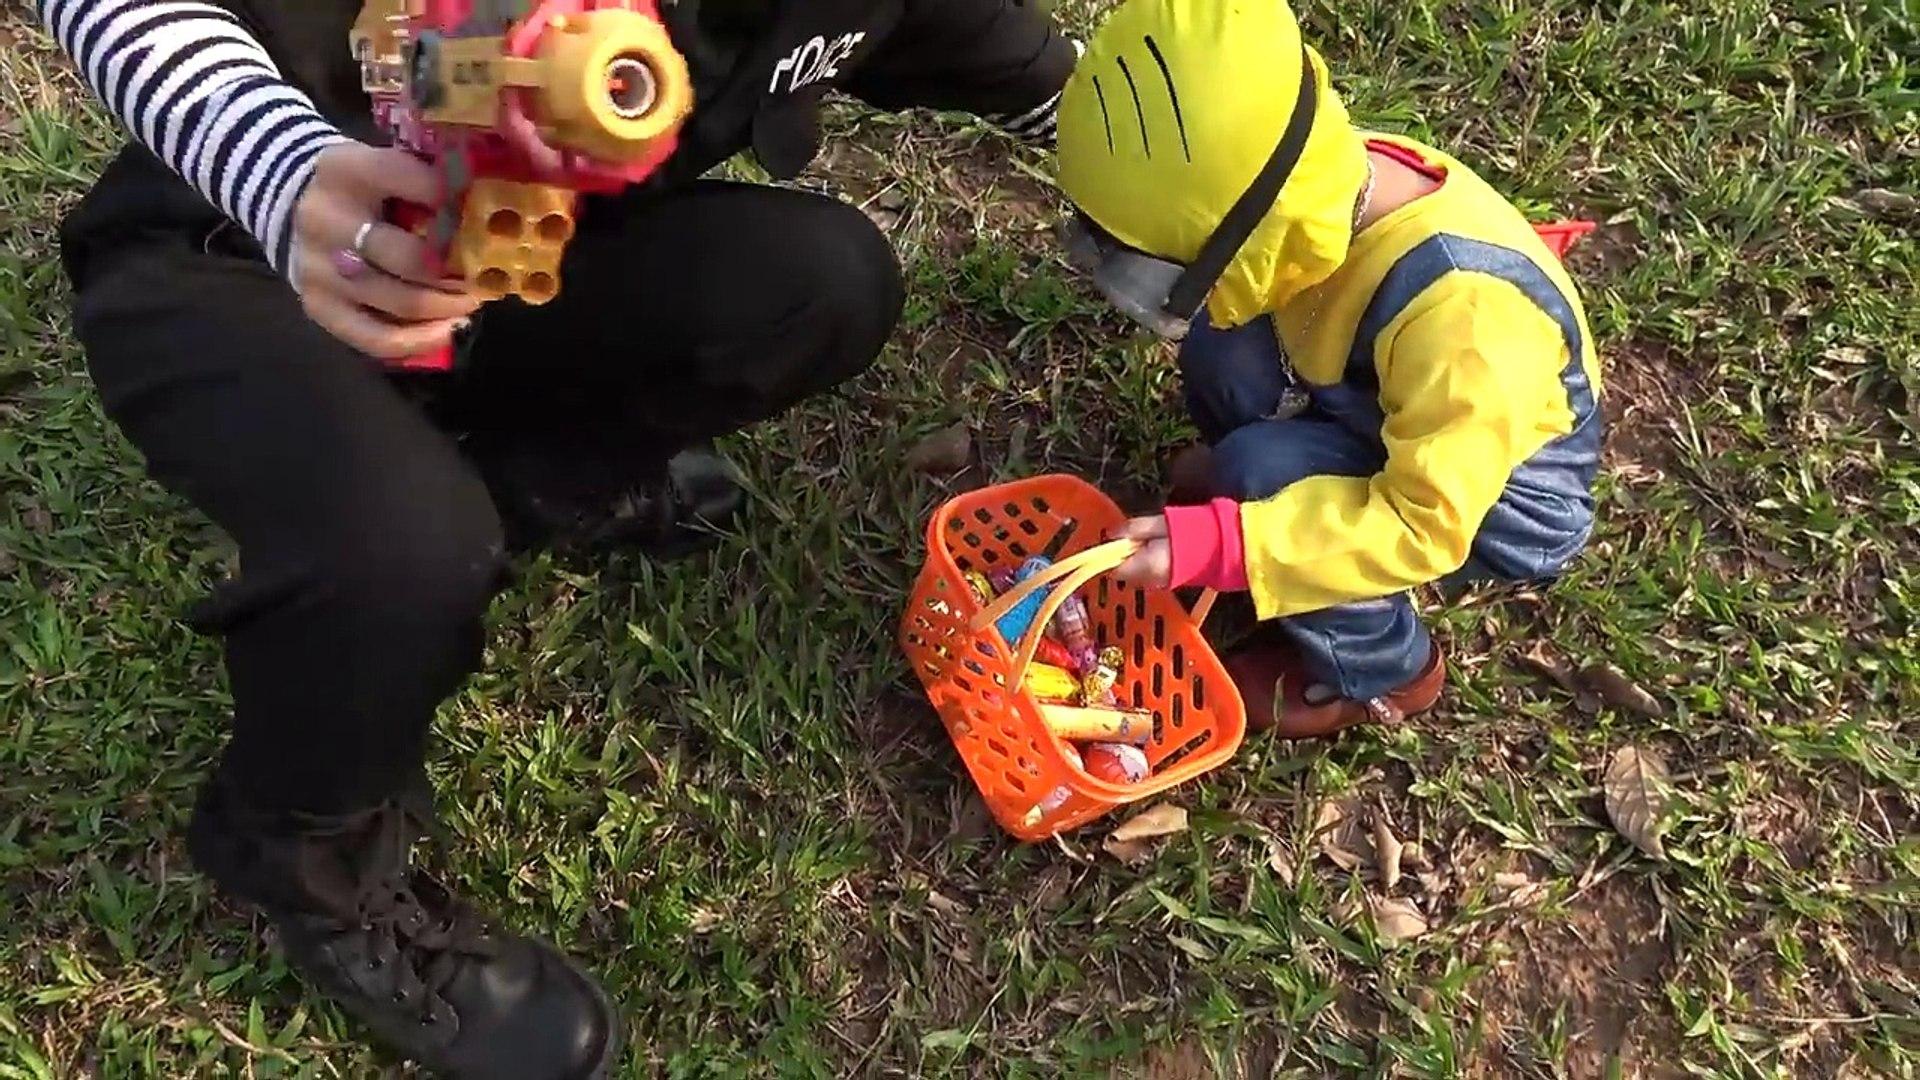 The Balloon Show For Kids – Săn Bóng Bay Lấy Đồ Chơi Với Minions ❤ Anan Toysreview TV ❤